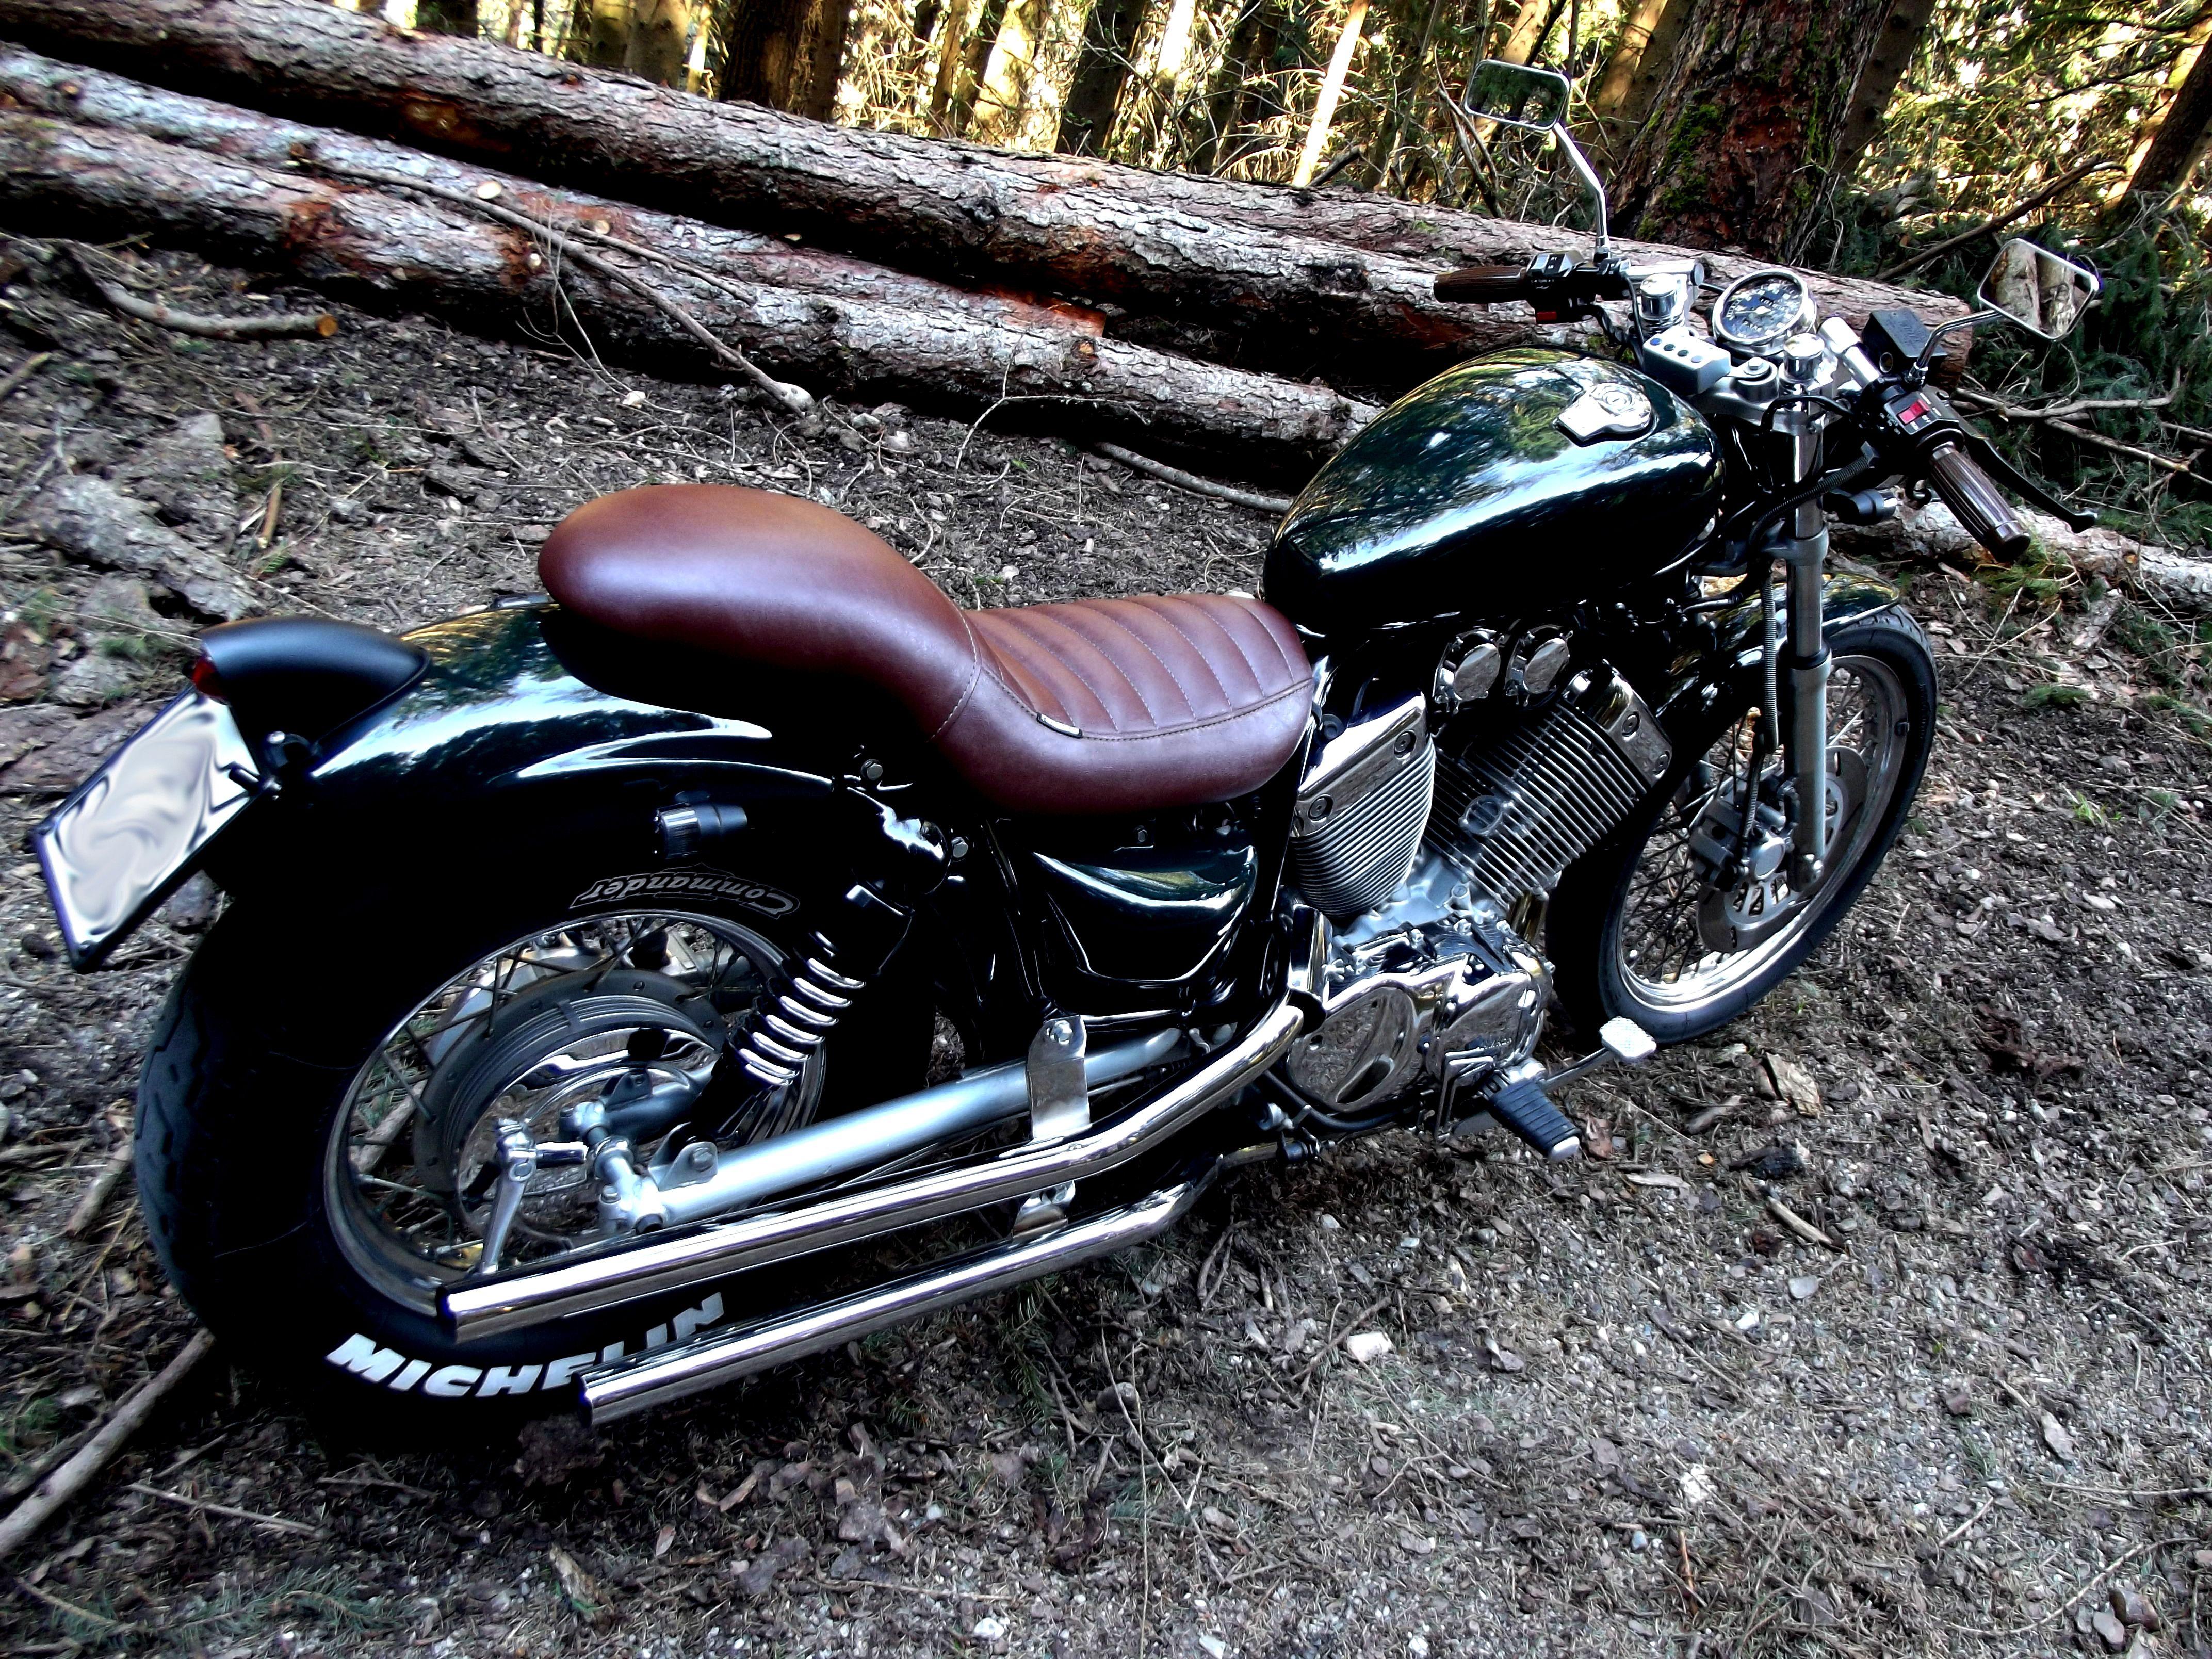 Yamaha Virago Xv 535 Yamaha Virago Virago Bobber Yamaha